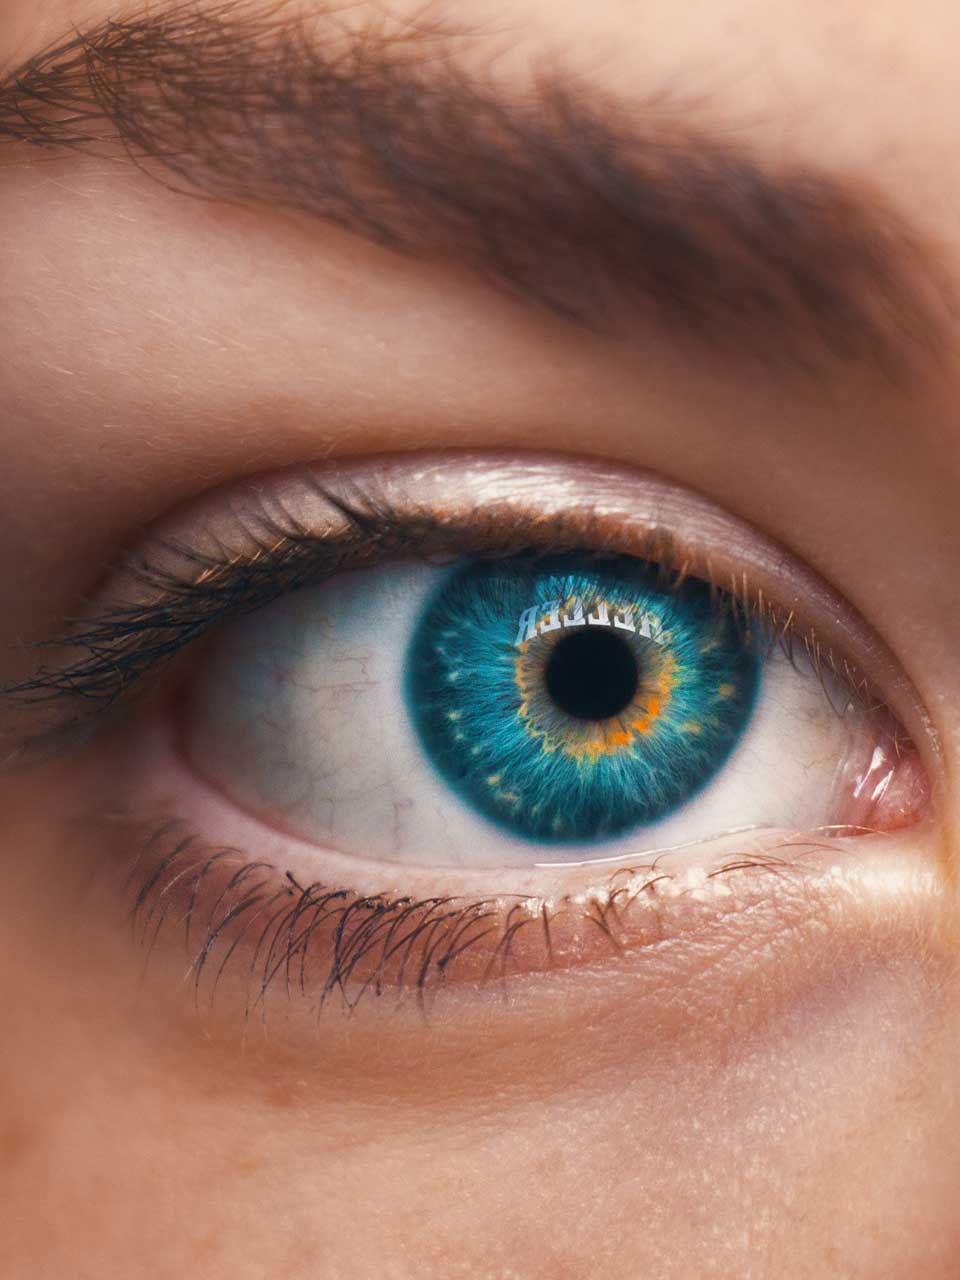 Focus topic 'visions'